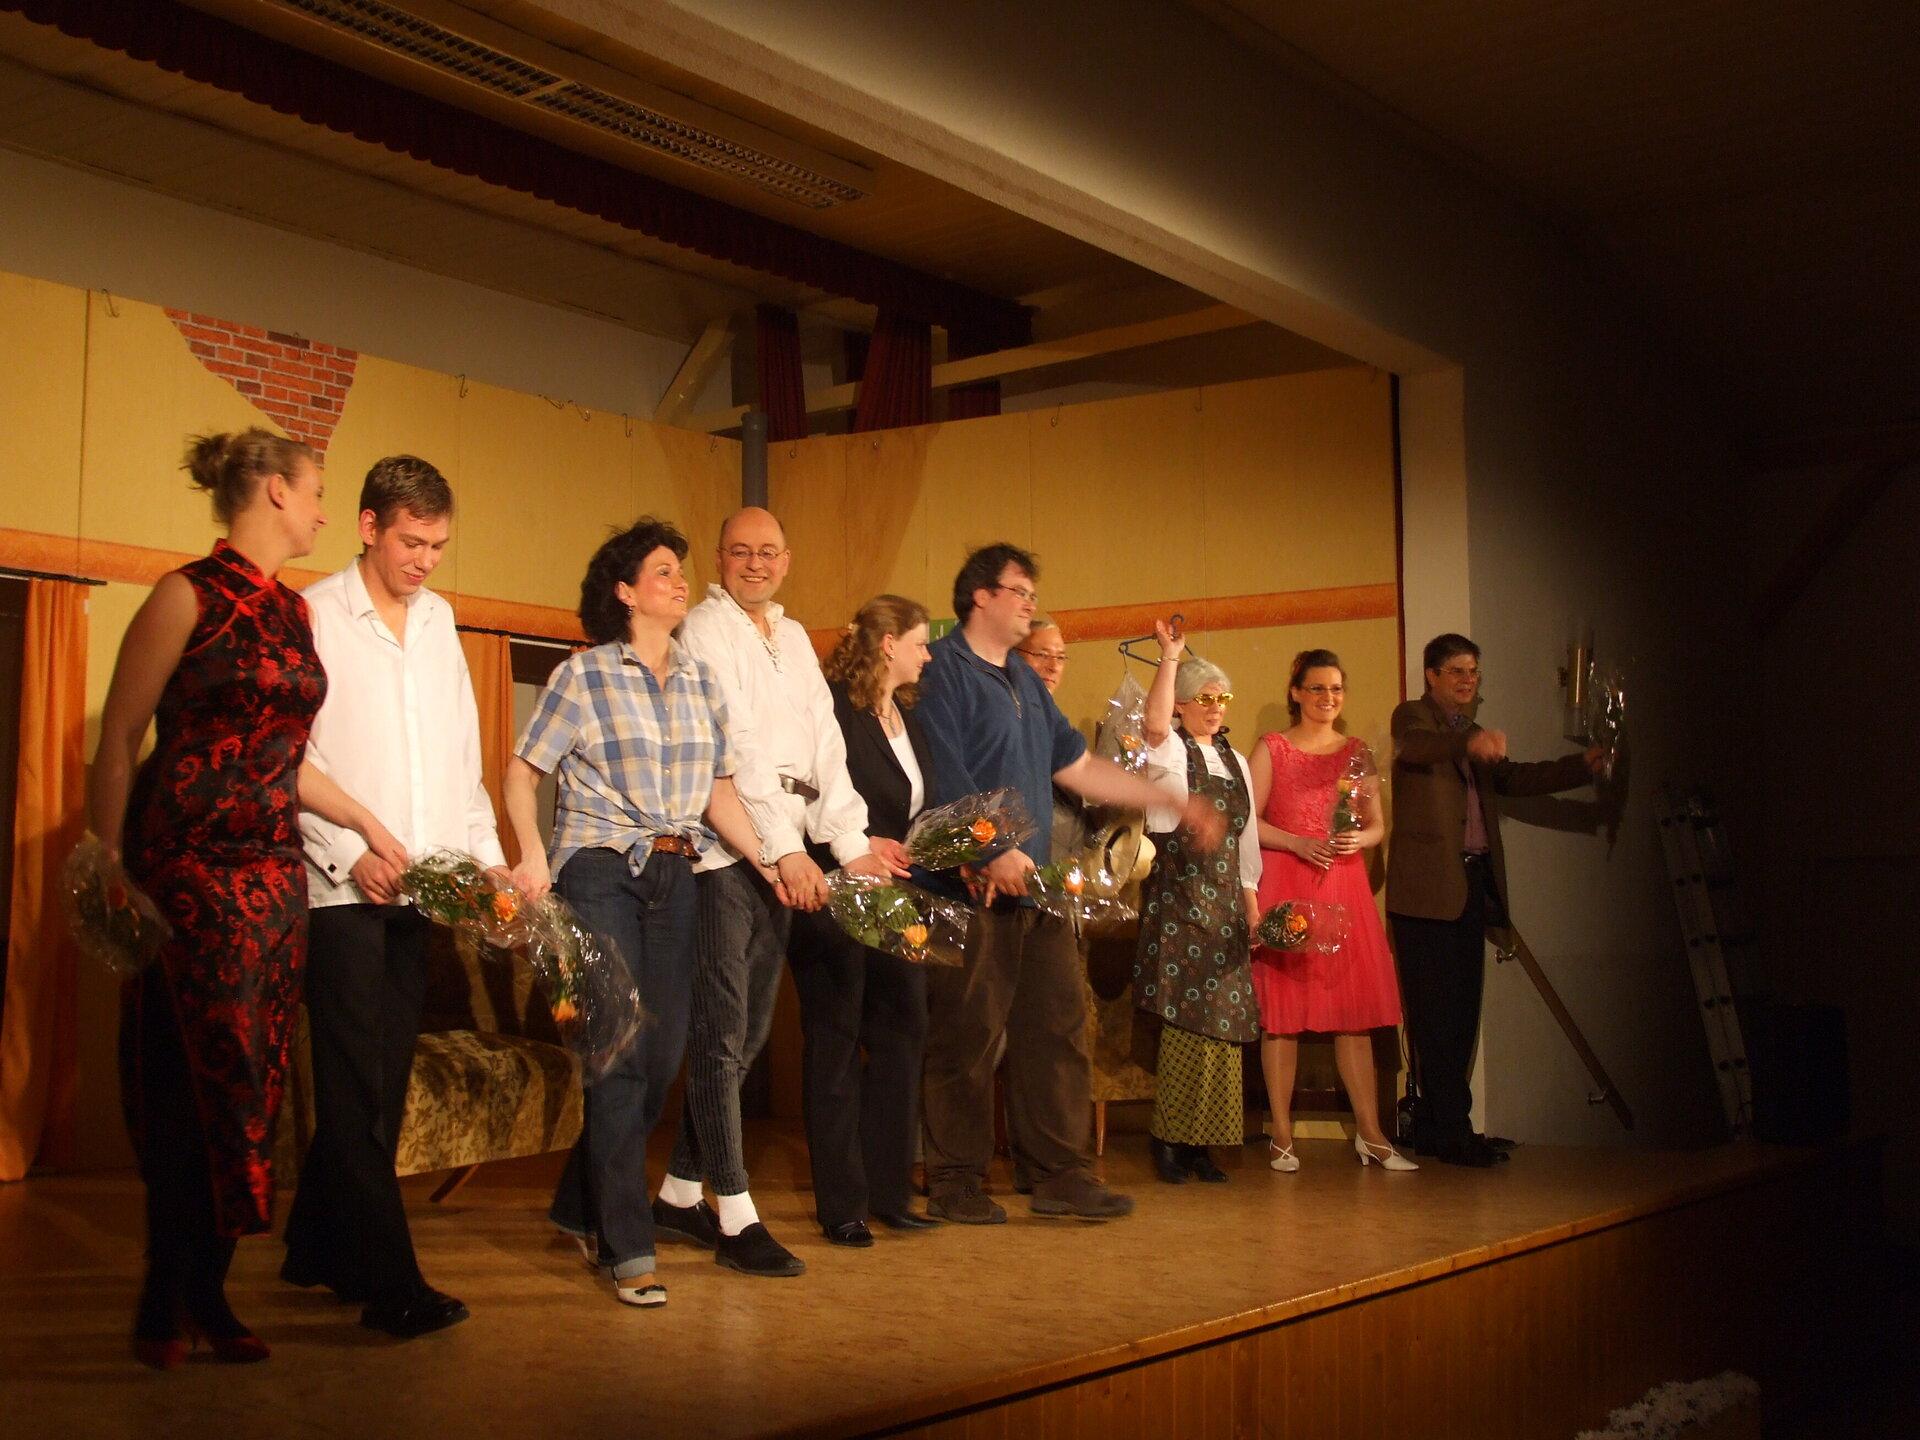 Die Theatergruppe Bühnenreif aus Salzgitter nach ihrem Auftritt am 15.03.2008